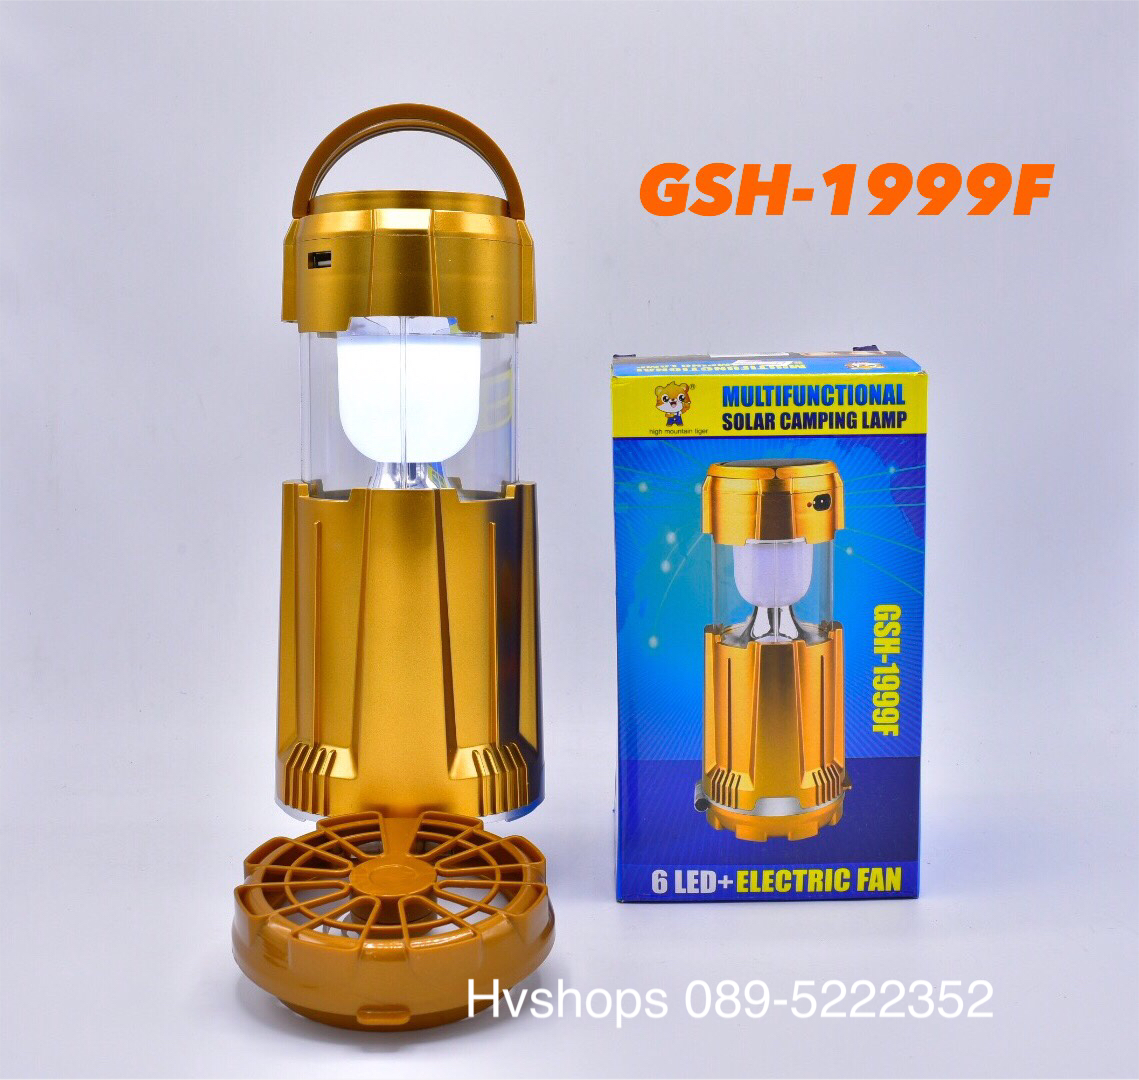 ตะเกียง LED รุ่น GSH-1999F